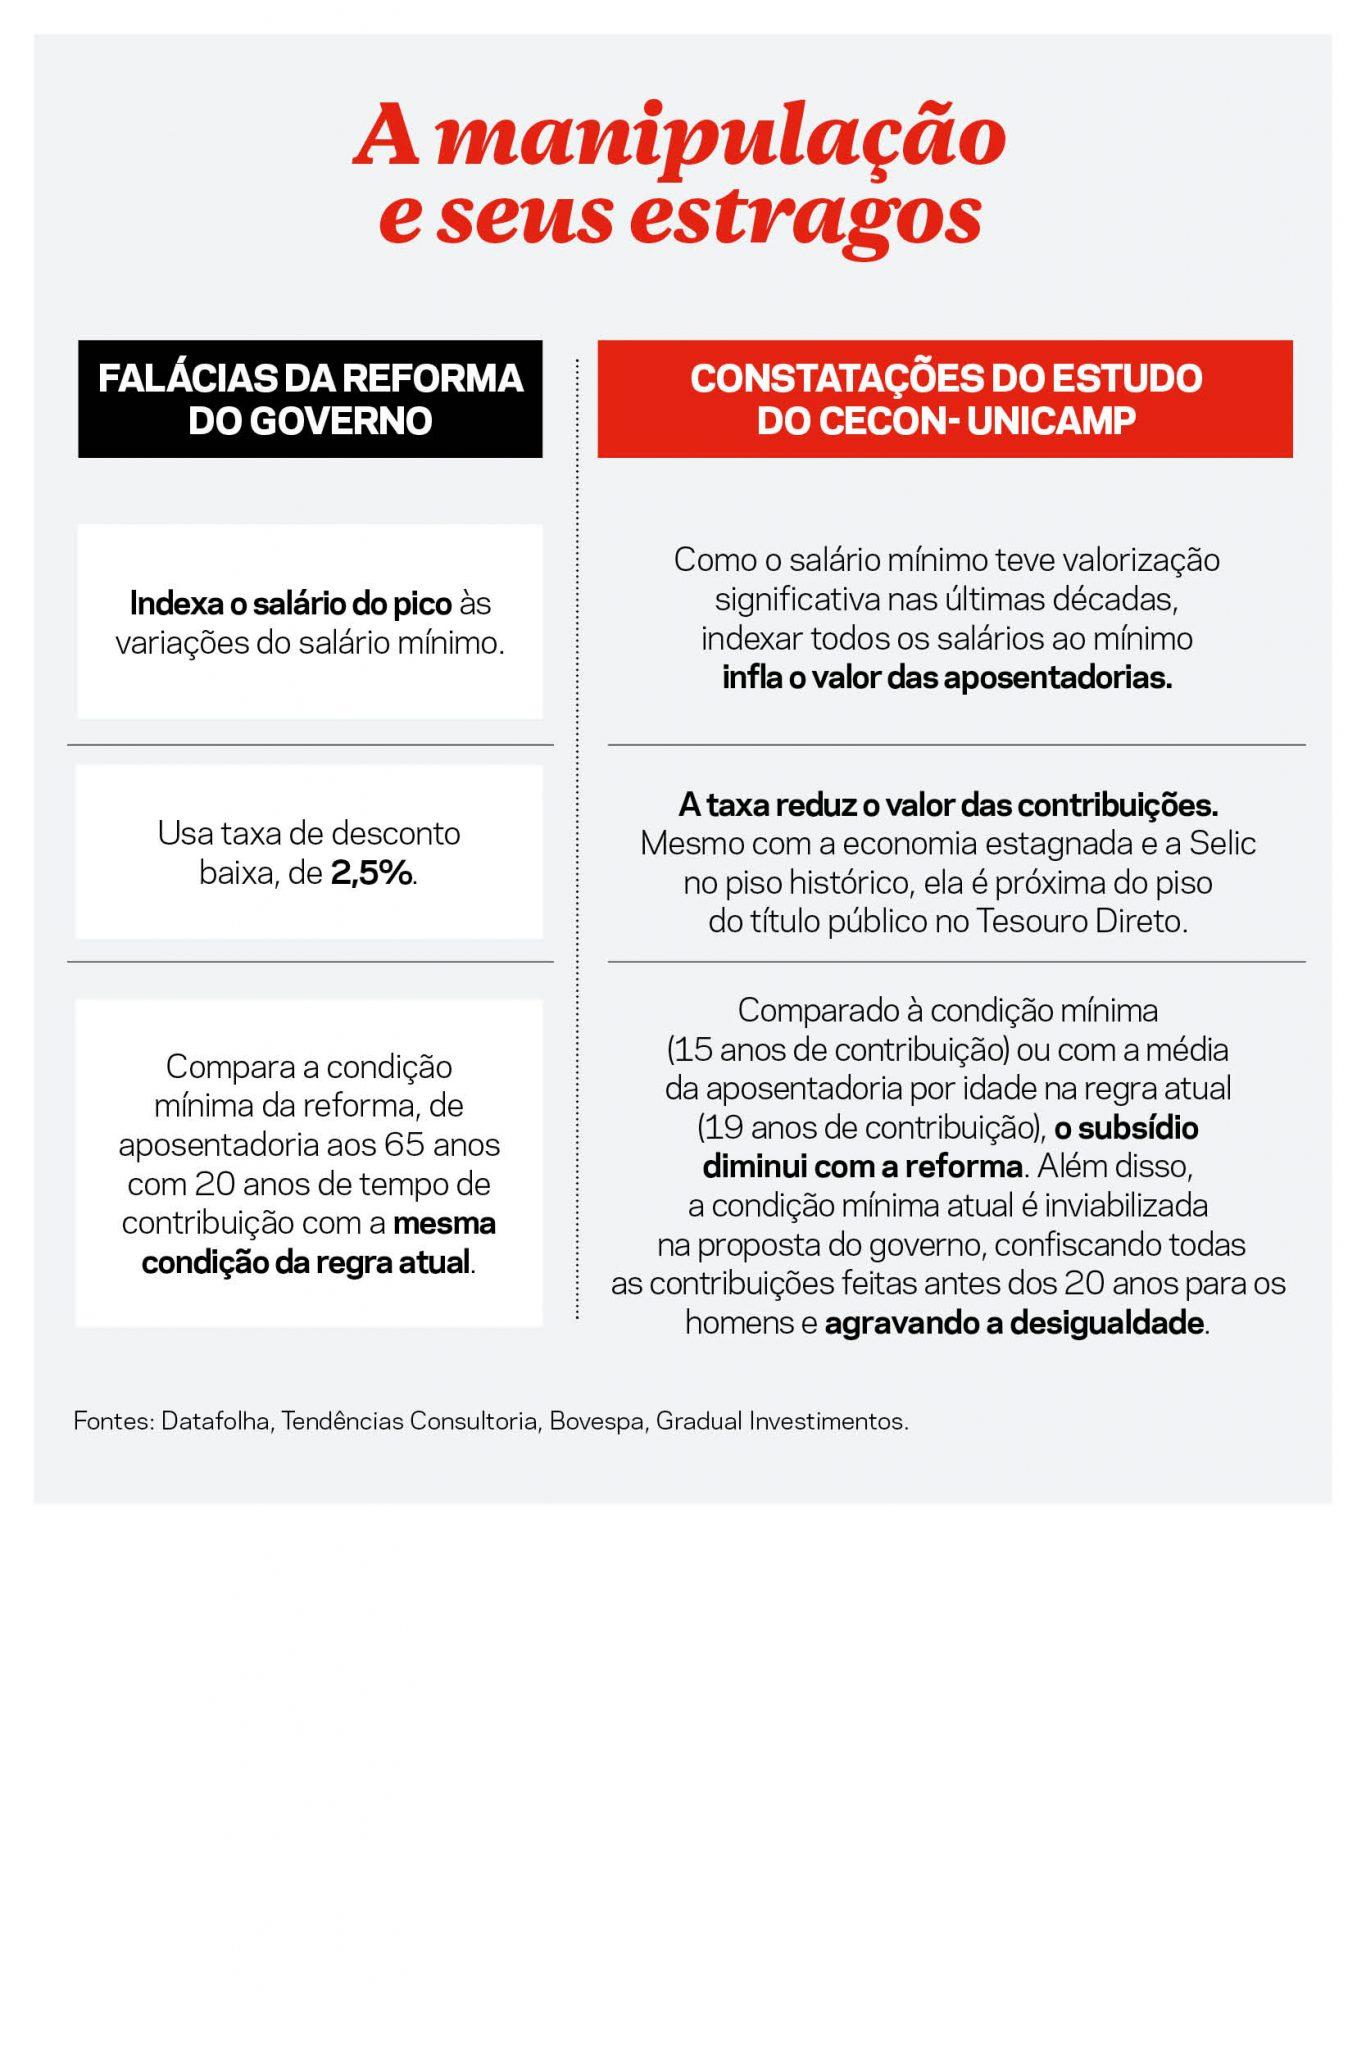 RepCapa 2 1072 - 'O GOVERNO ENGANOU A TODOS': Revista mostra 'trapaça' do Governo Bolsonaro em cálculos da reforma da Previdência